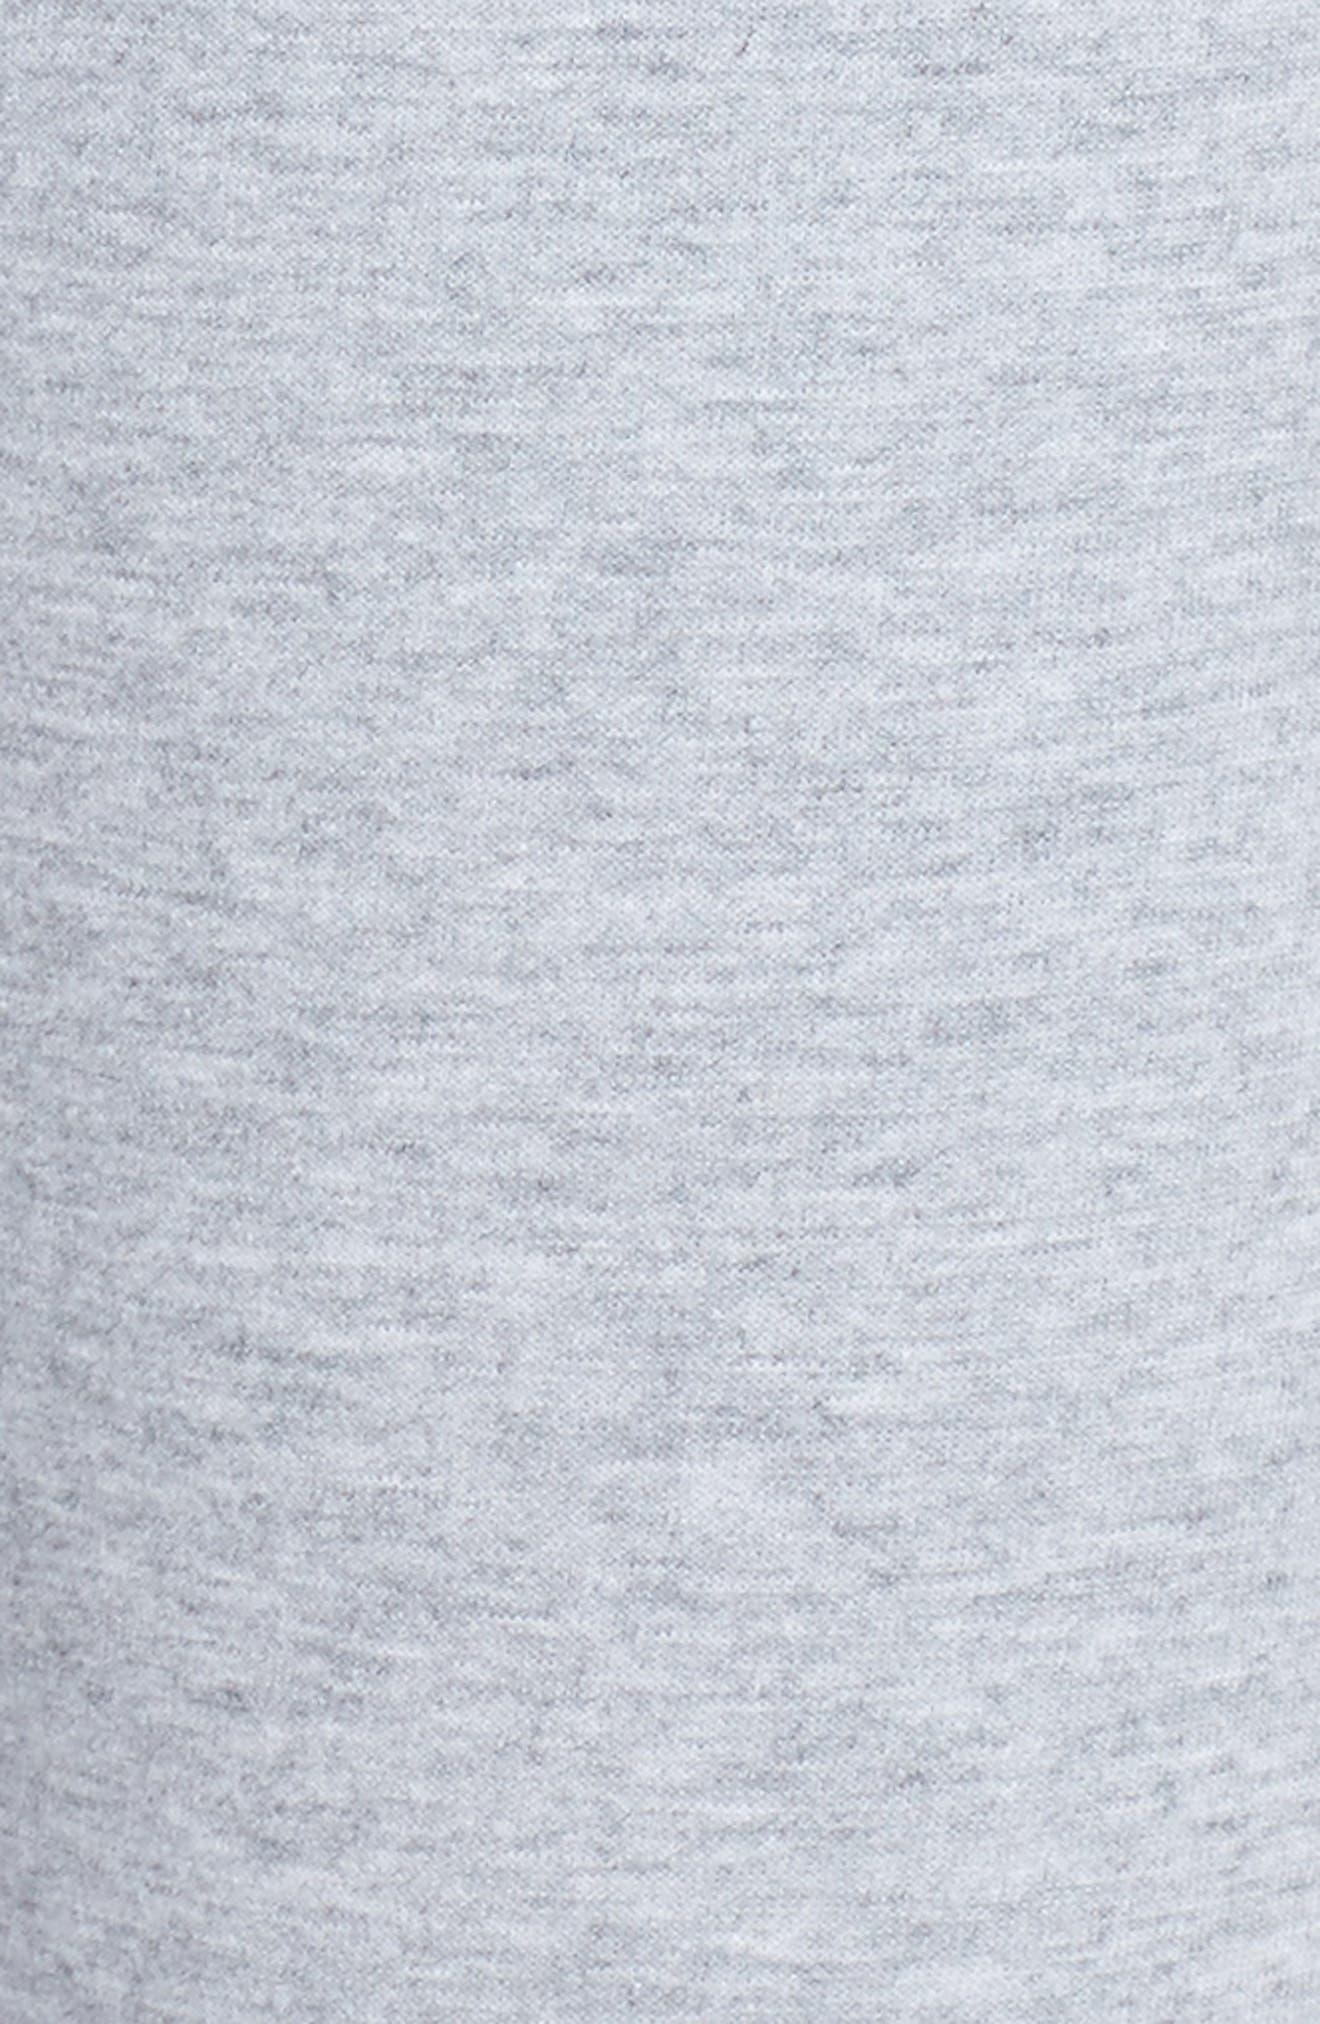 Banda Zeggins Slim Fit Sweatpants,                             Alternate thumbnail 6, color,                             Grey